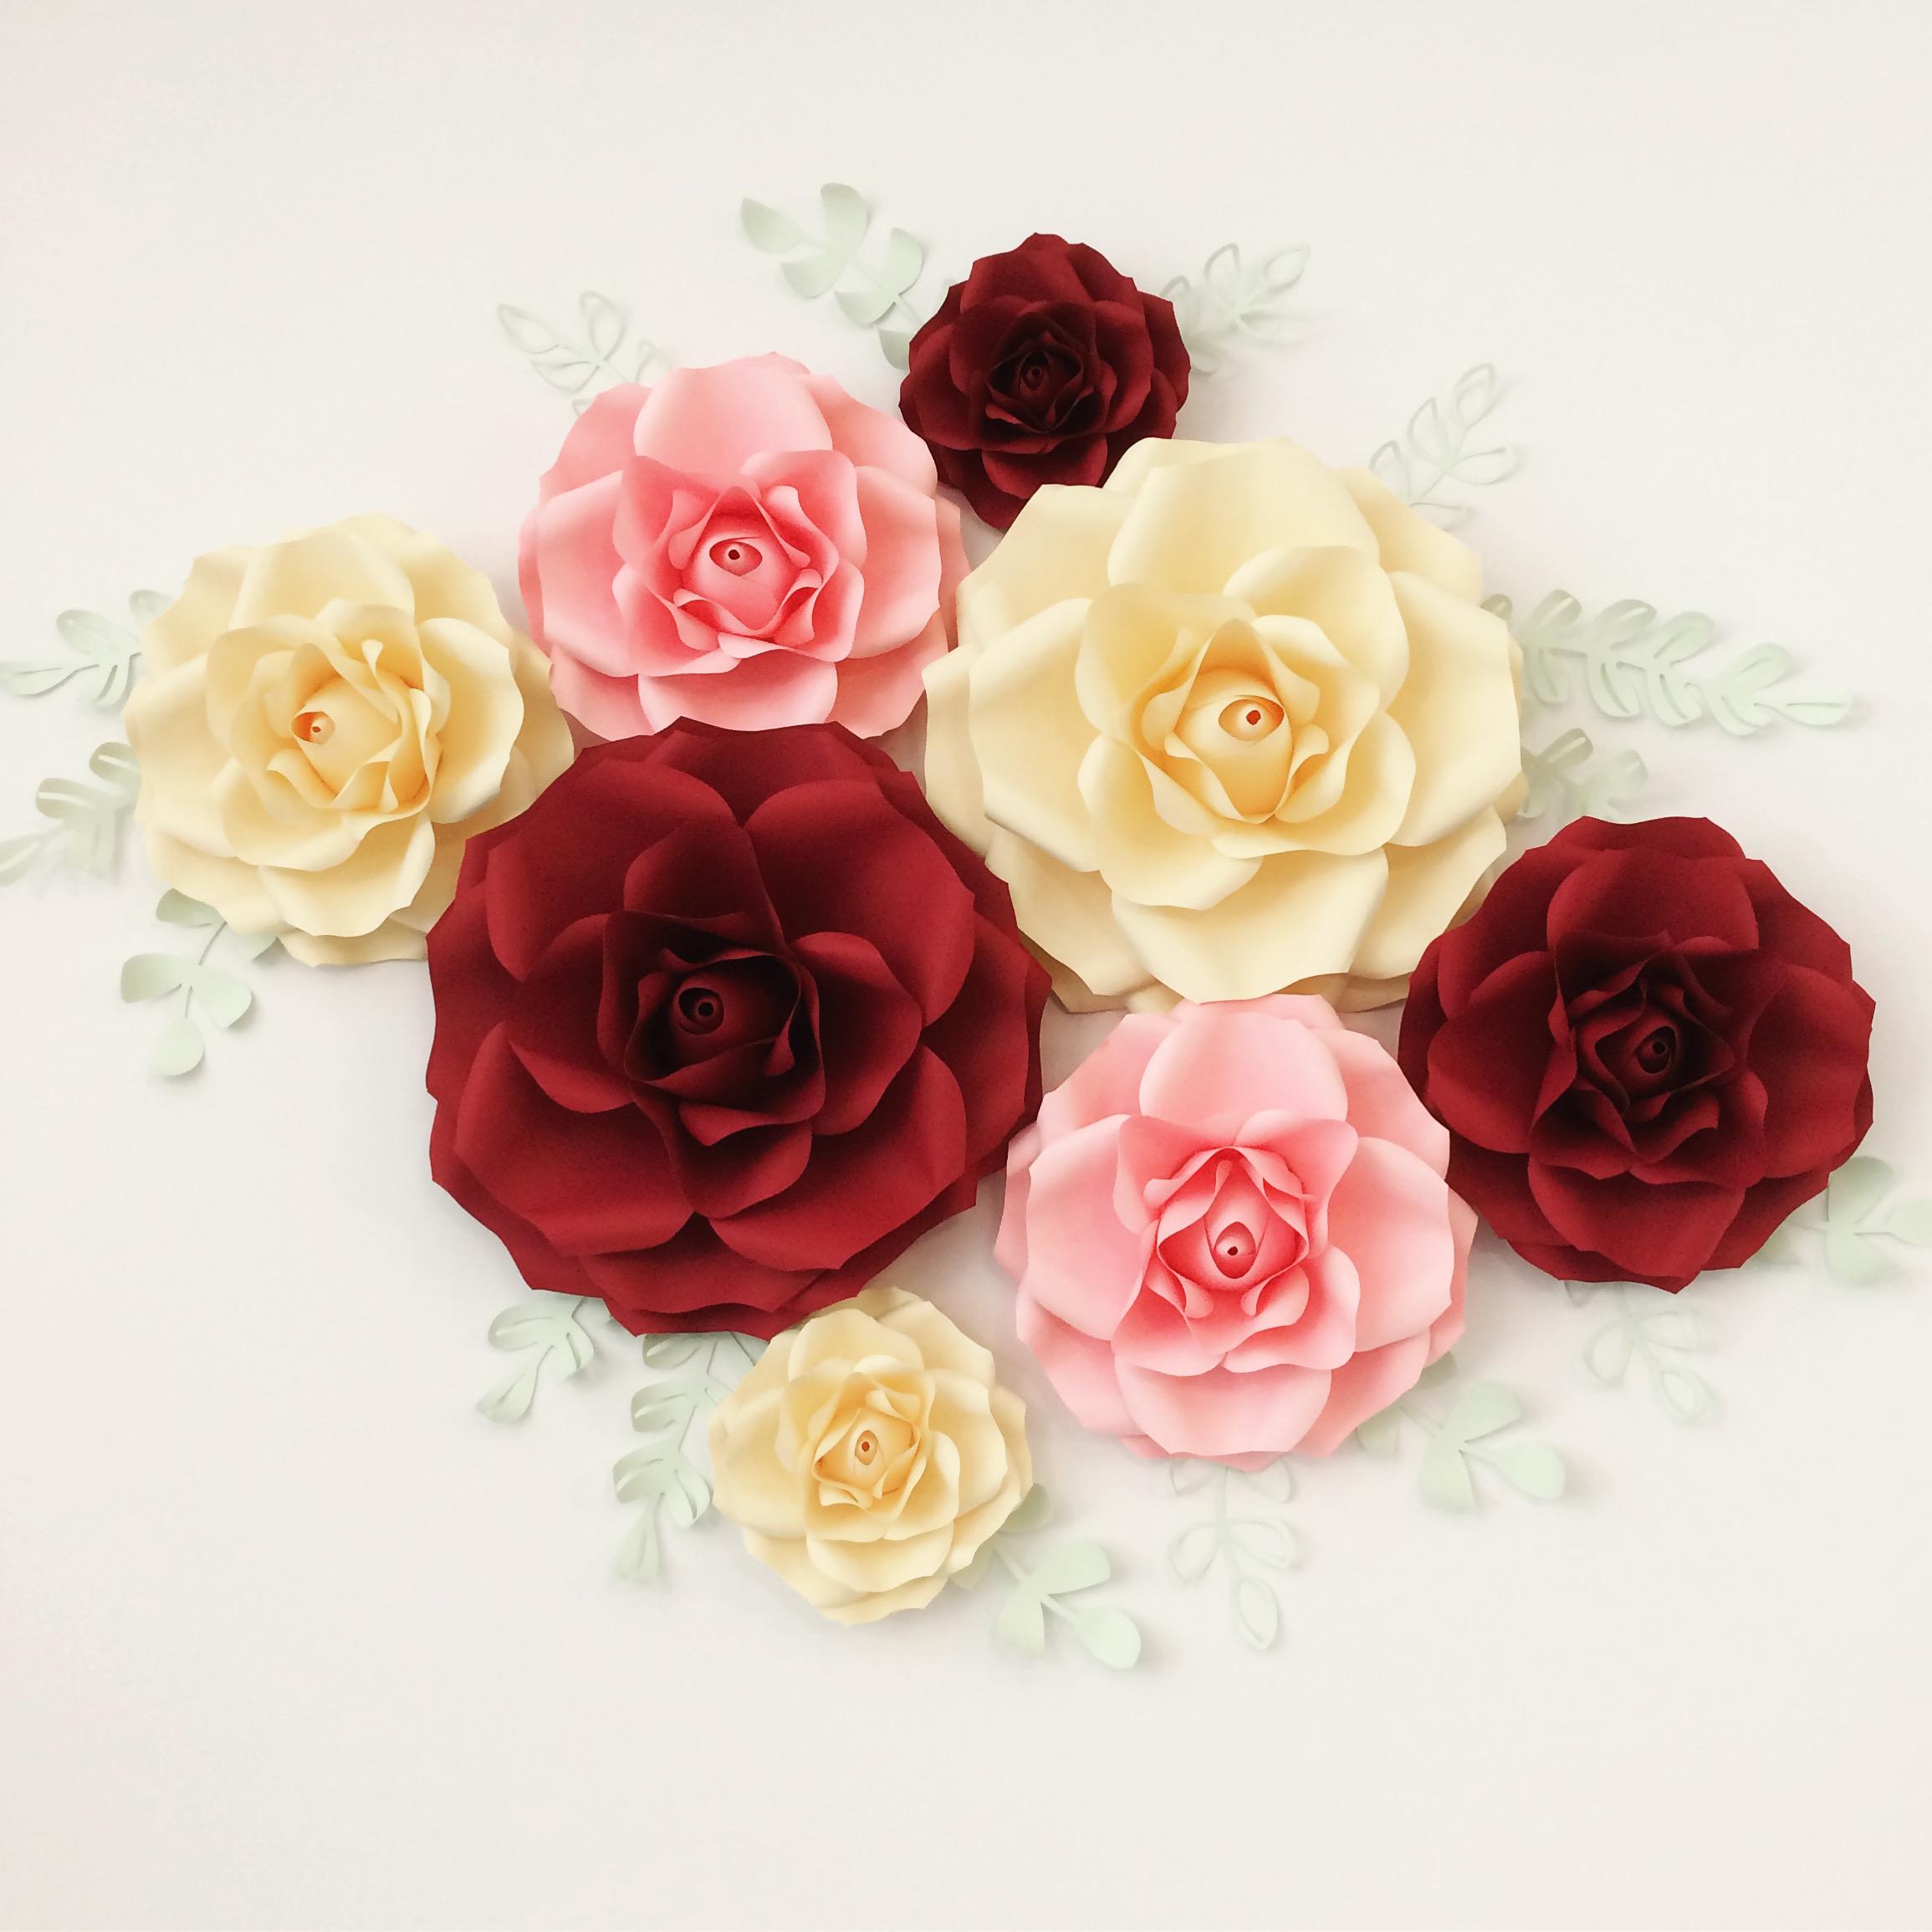 Výhody papírových květin